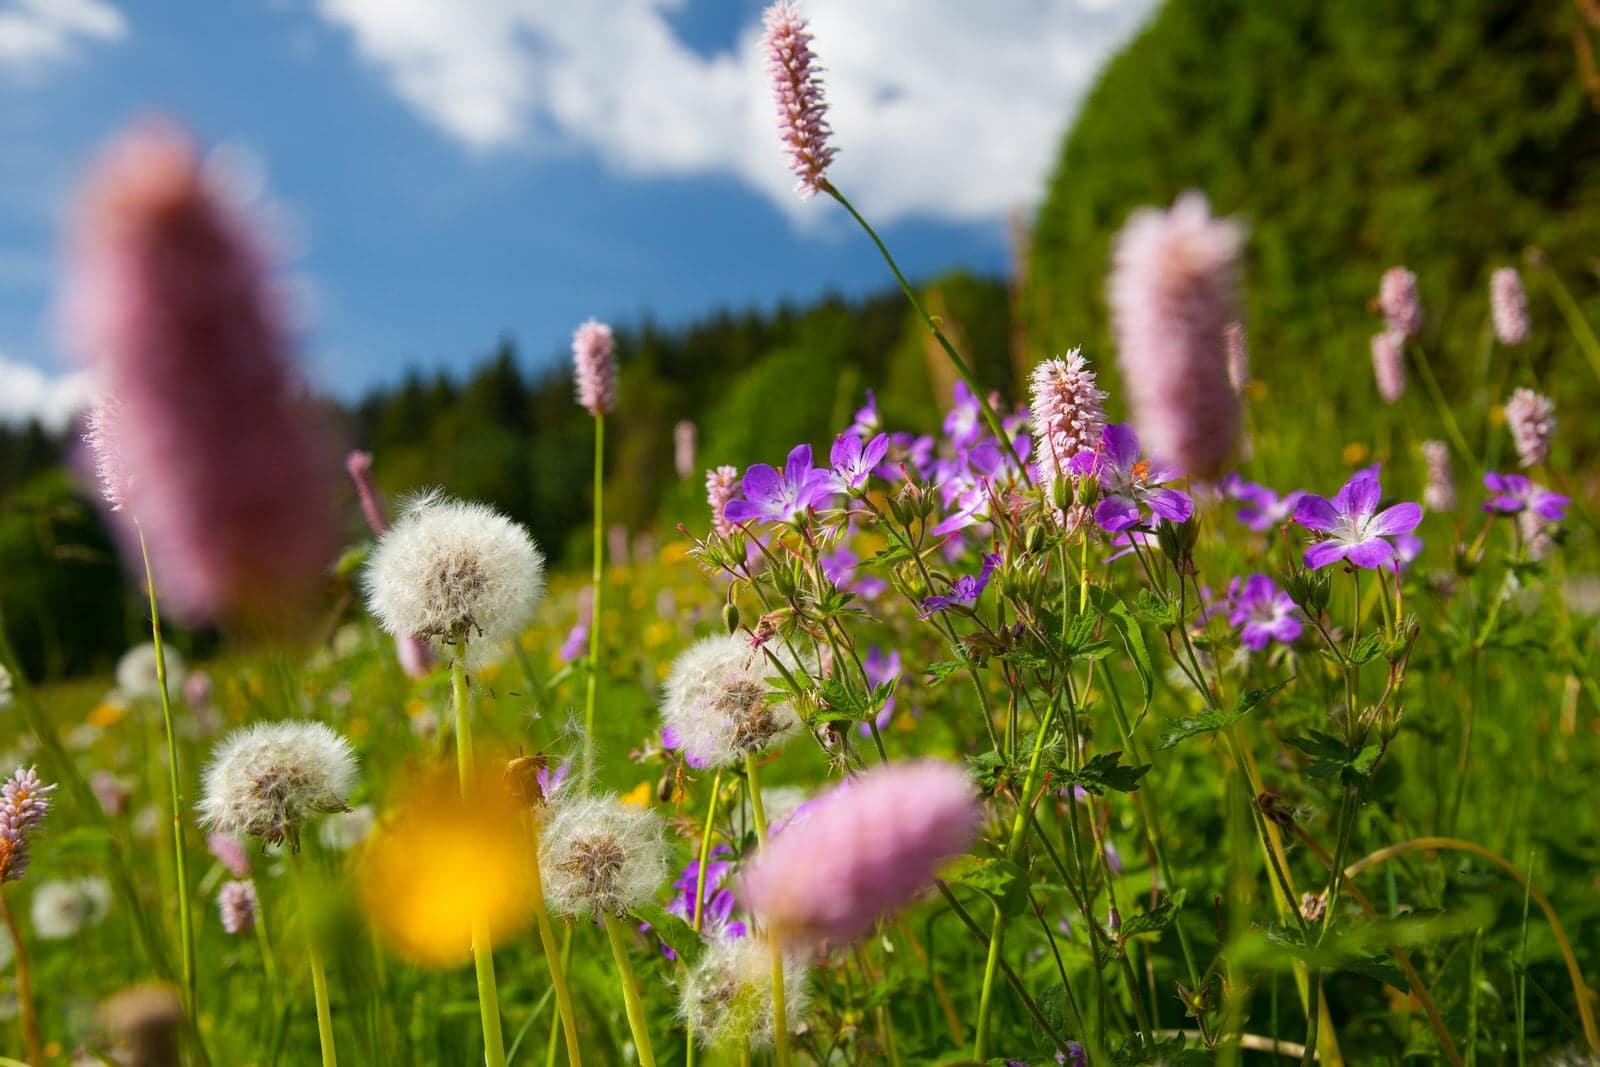 """""""Rettet die Wildbienen"""" – Workshop zum Bau von Insektenhotels am Samstag, 18. Mai in Fröhnd (Kreis Lörrach)"""